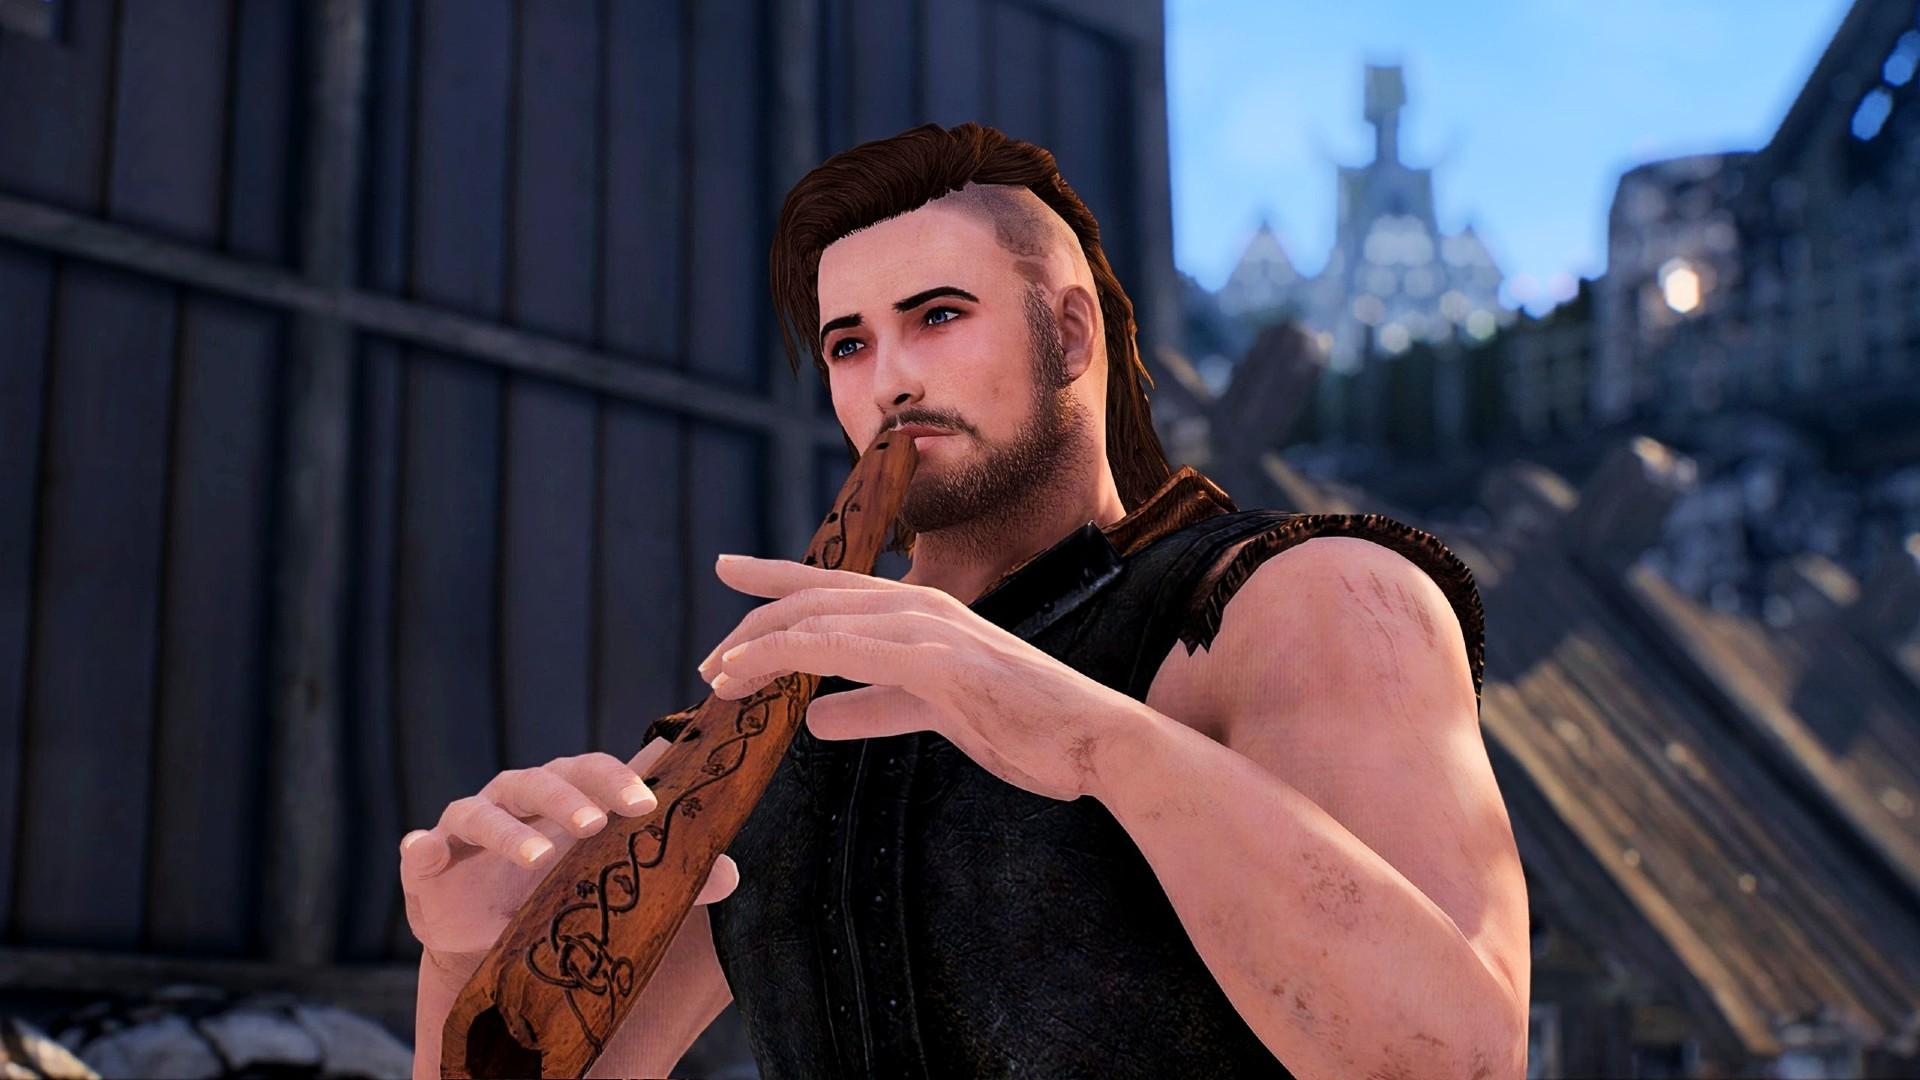 Este mod de Skyrim's Got Talent se trata de convertirte en el mejor bardo que puedas ser